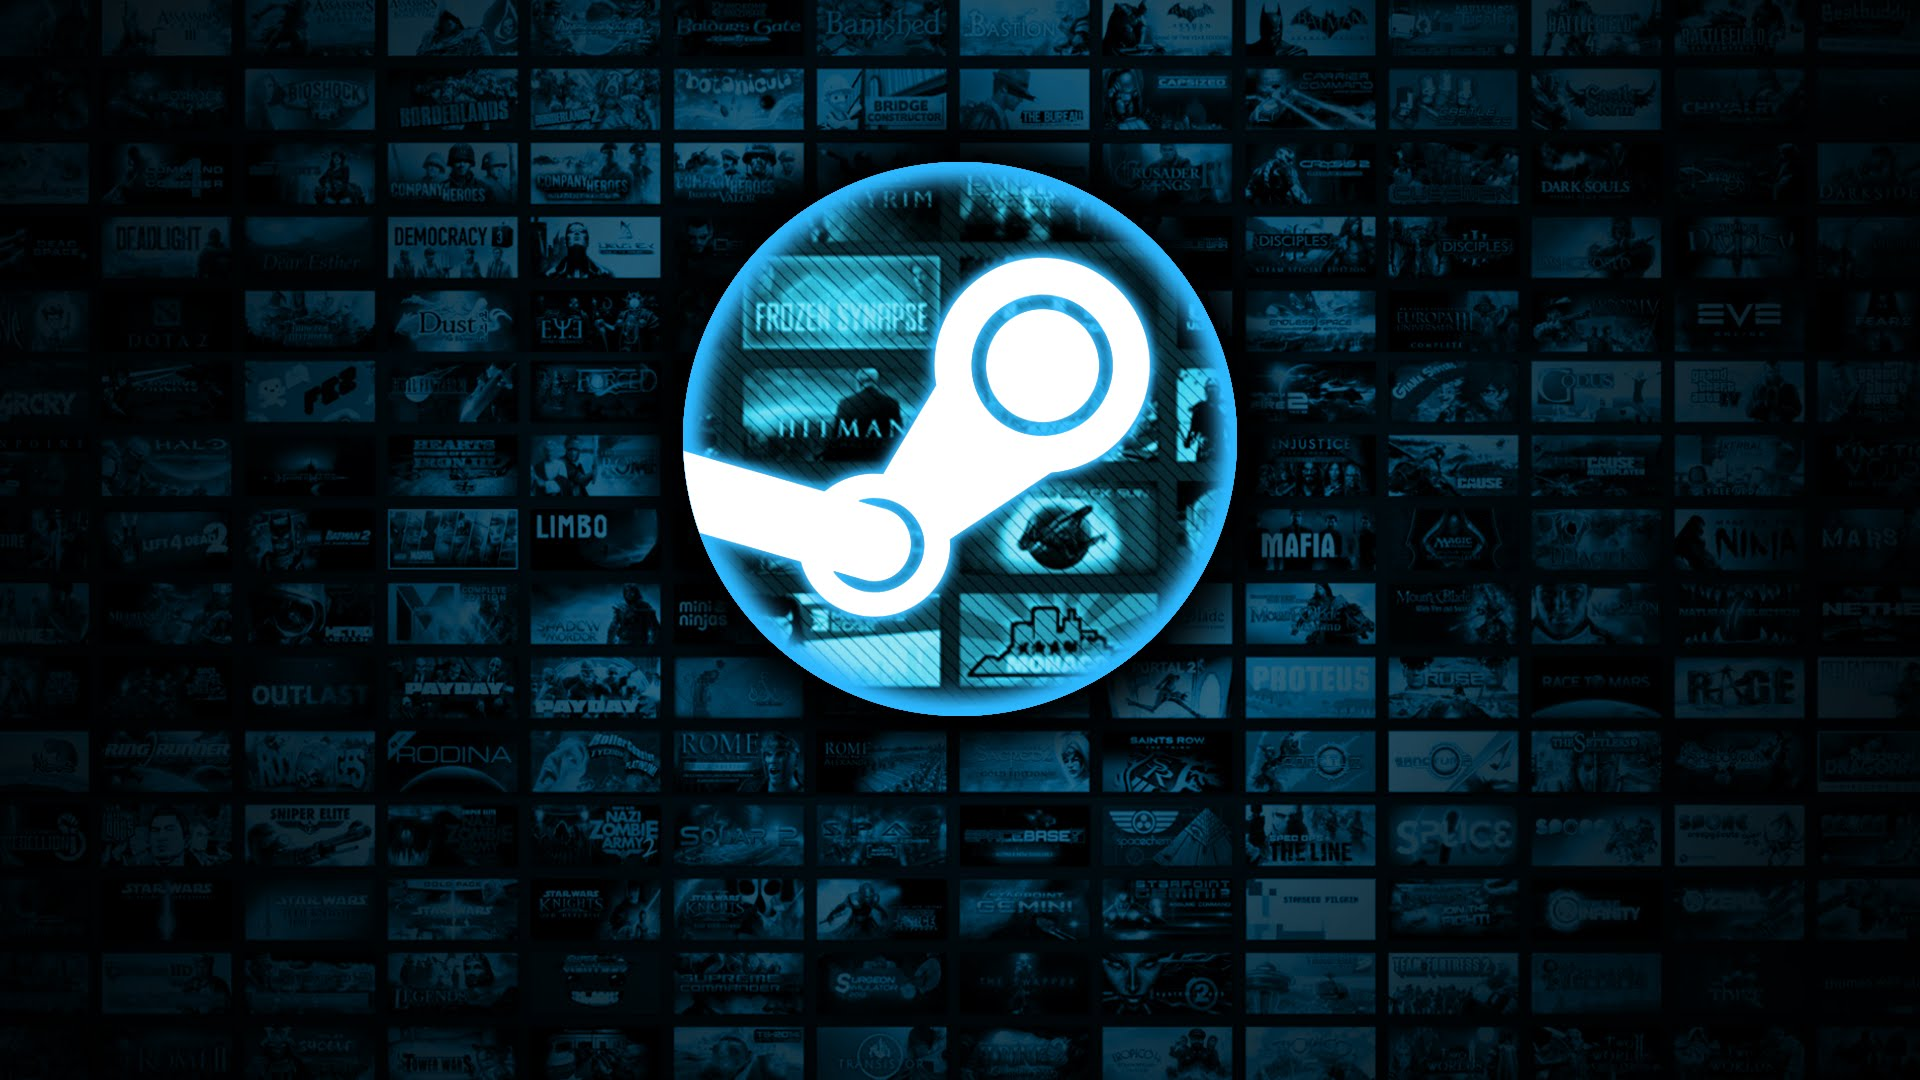 В Steam найдены файлы, связанные с новым дизайном профиля пользователя